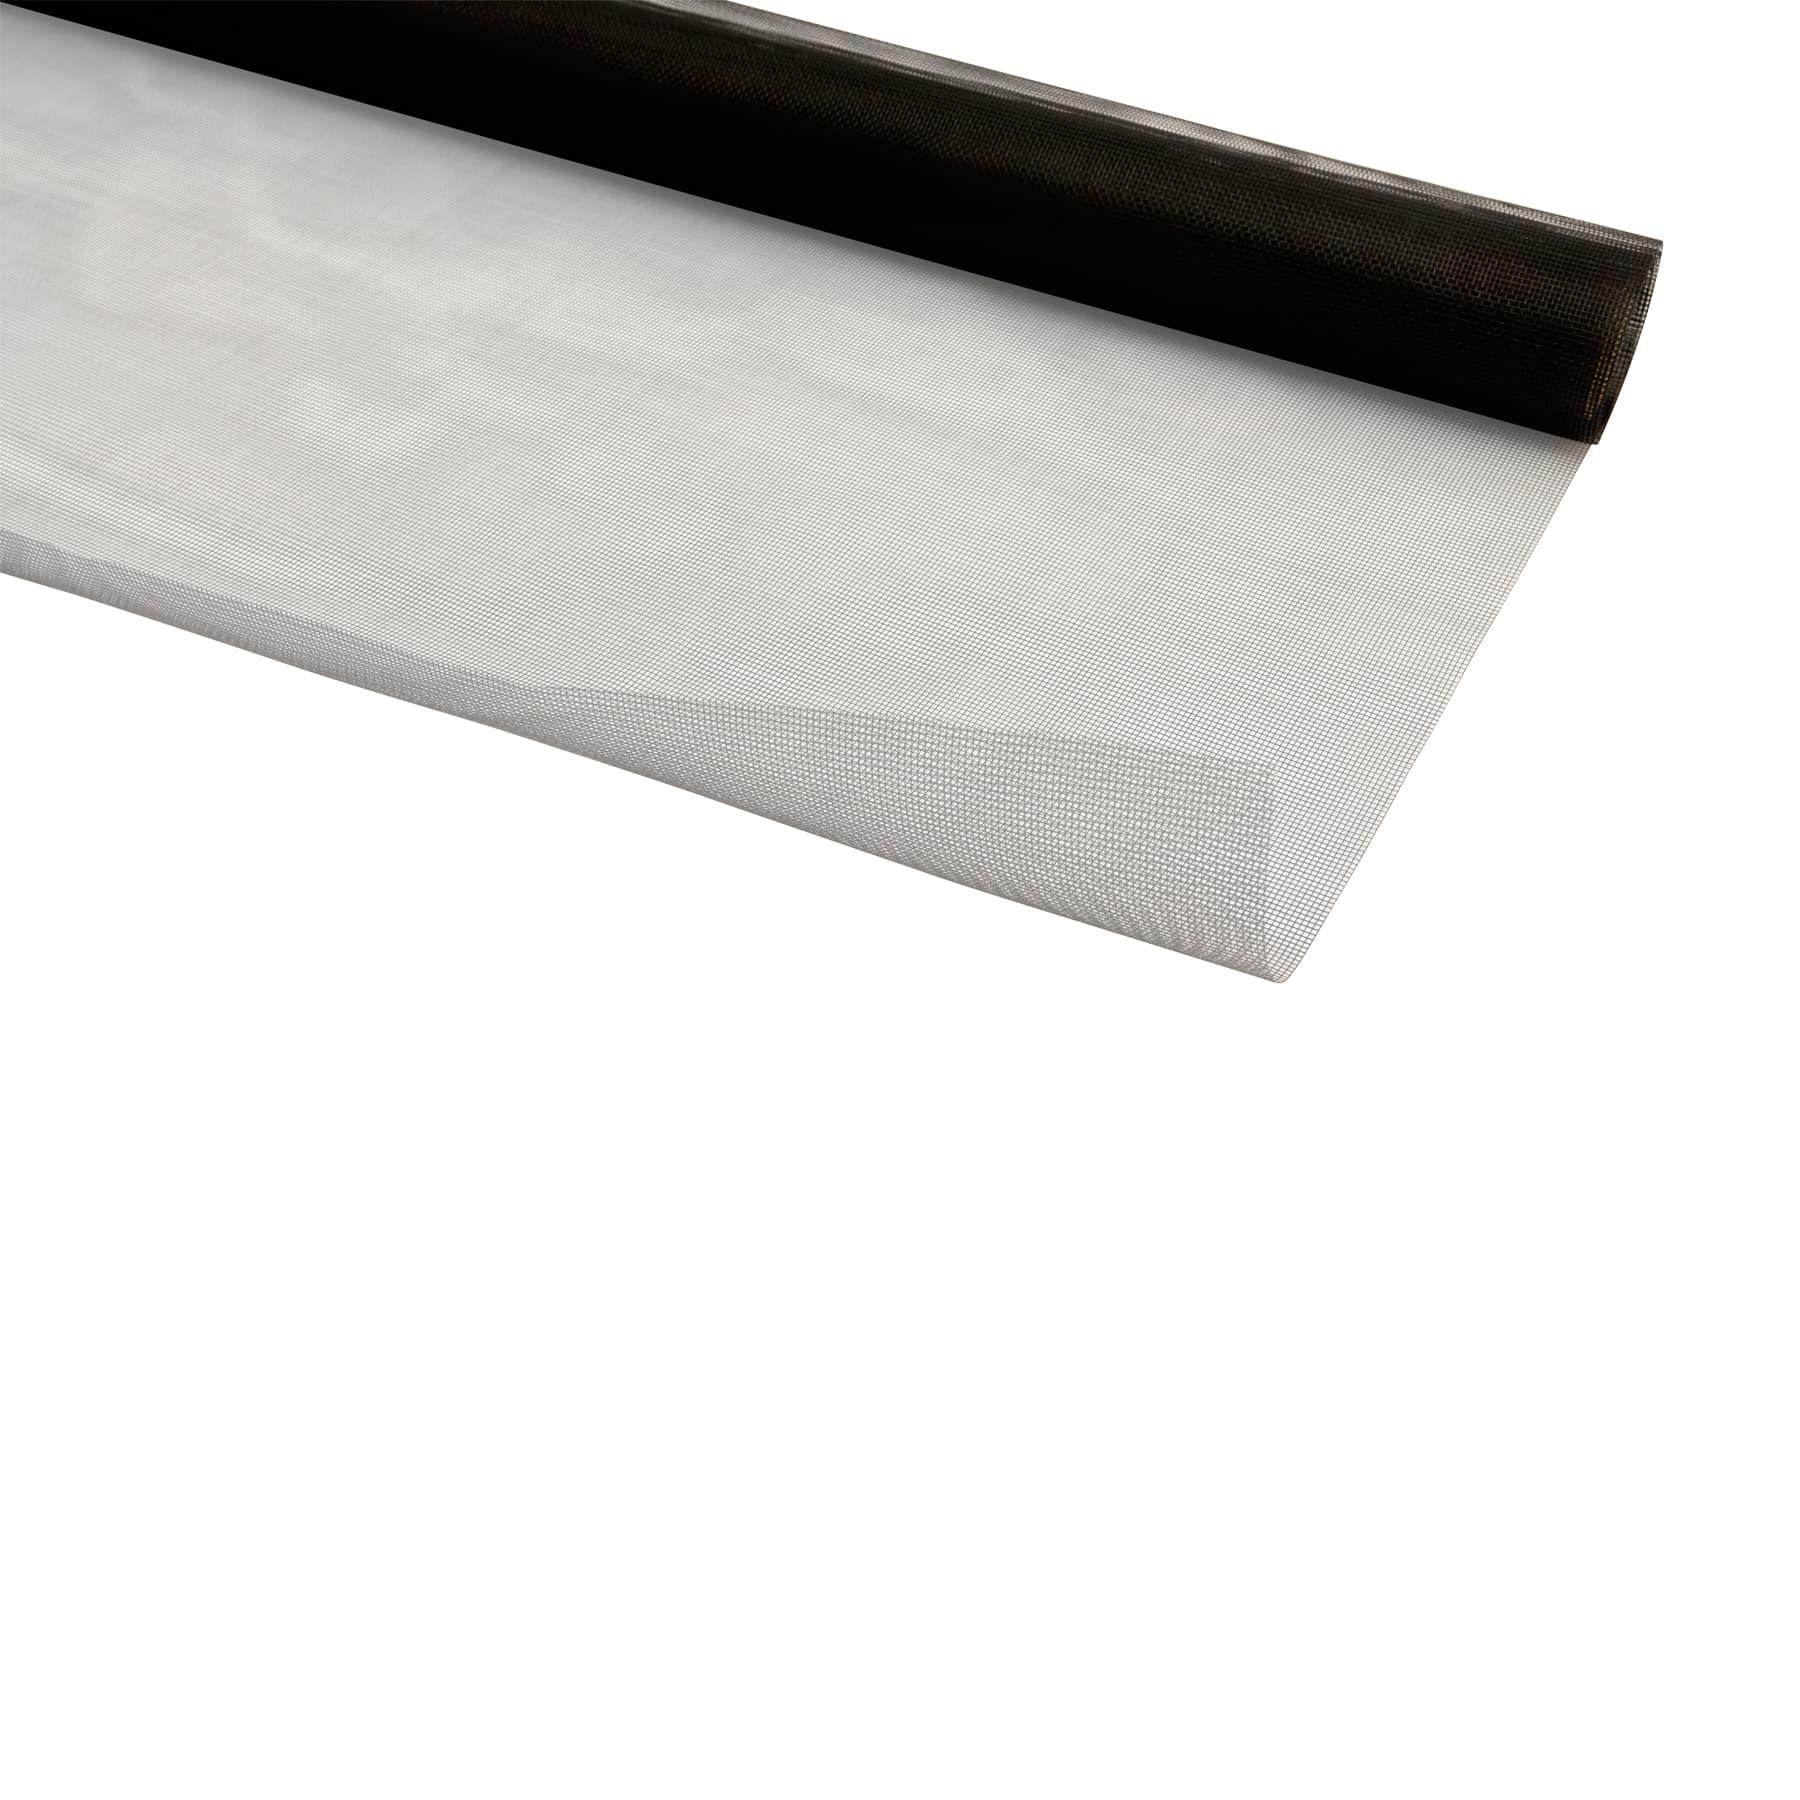 Abdeckgaze schwarz 1 m breit, Maschenweite 1,4 mm